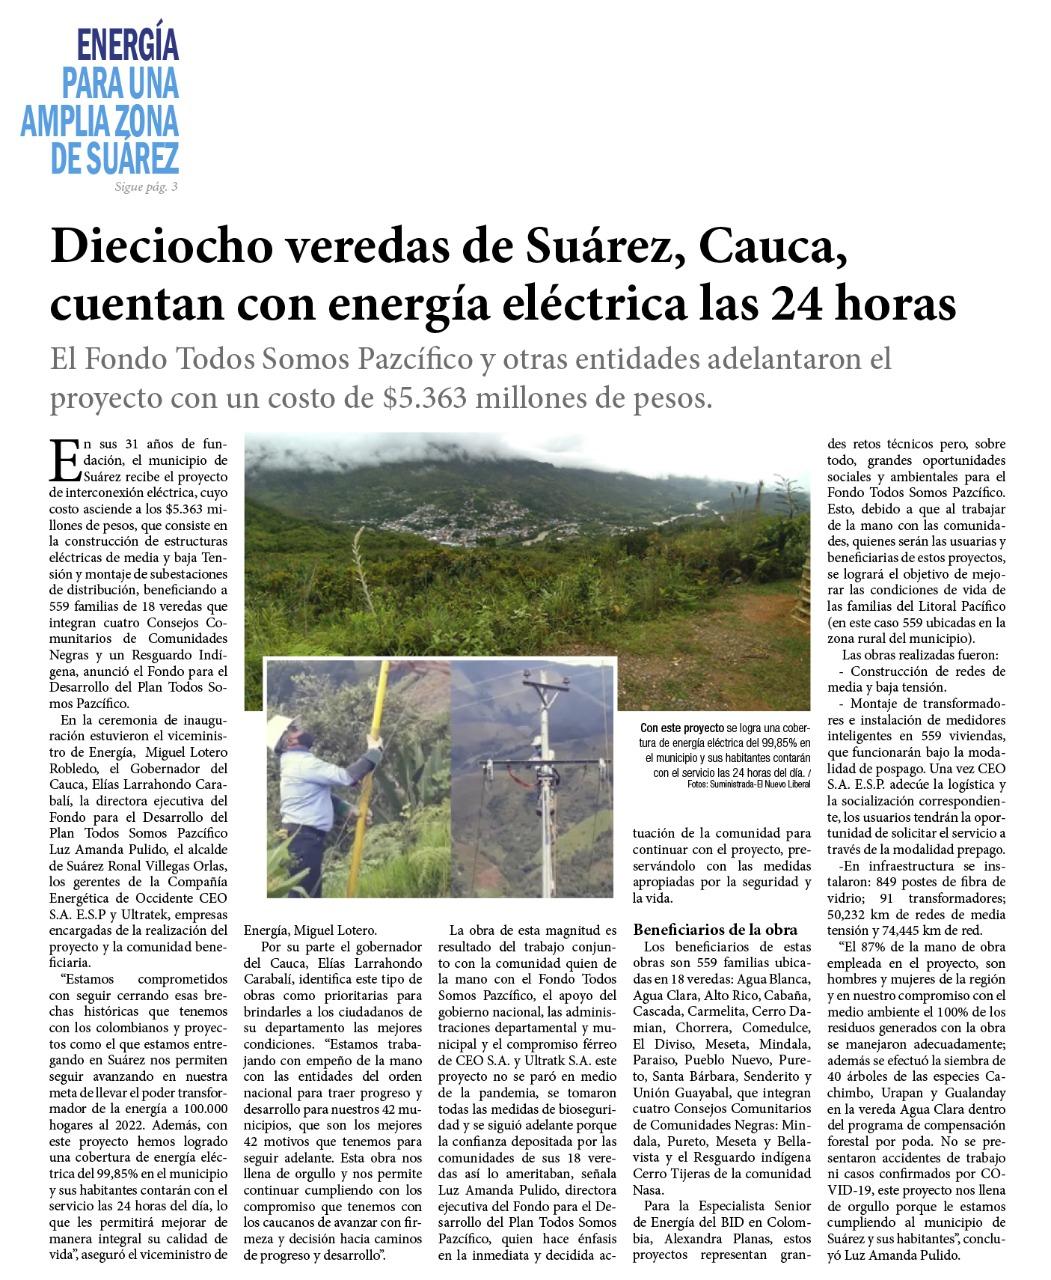 Electrificación de 18 veredas en Suárez